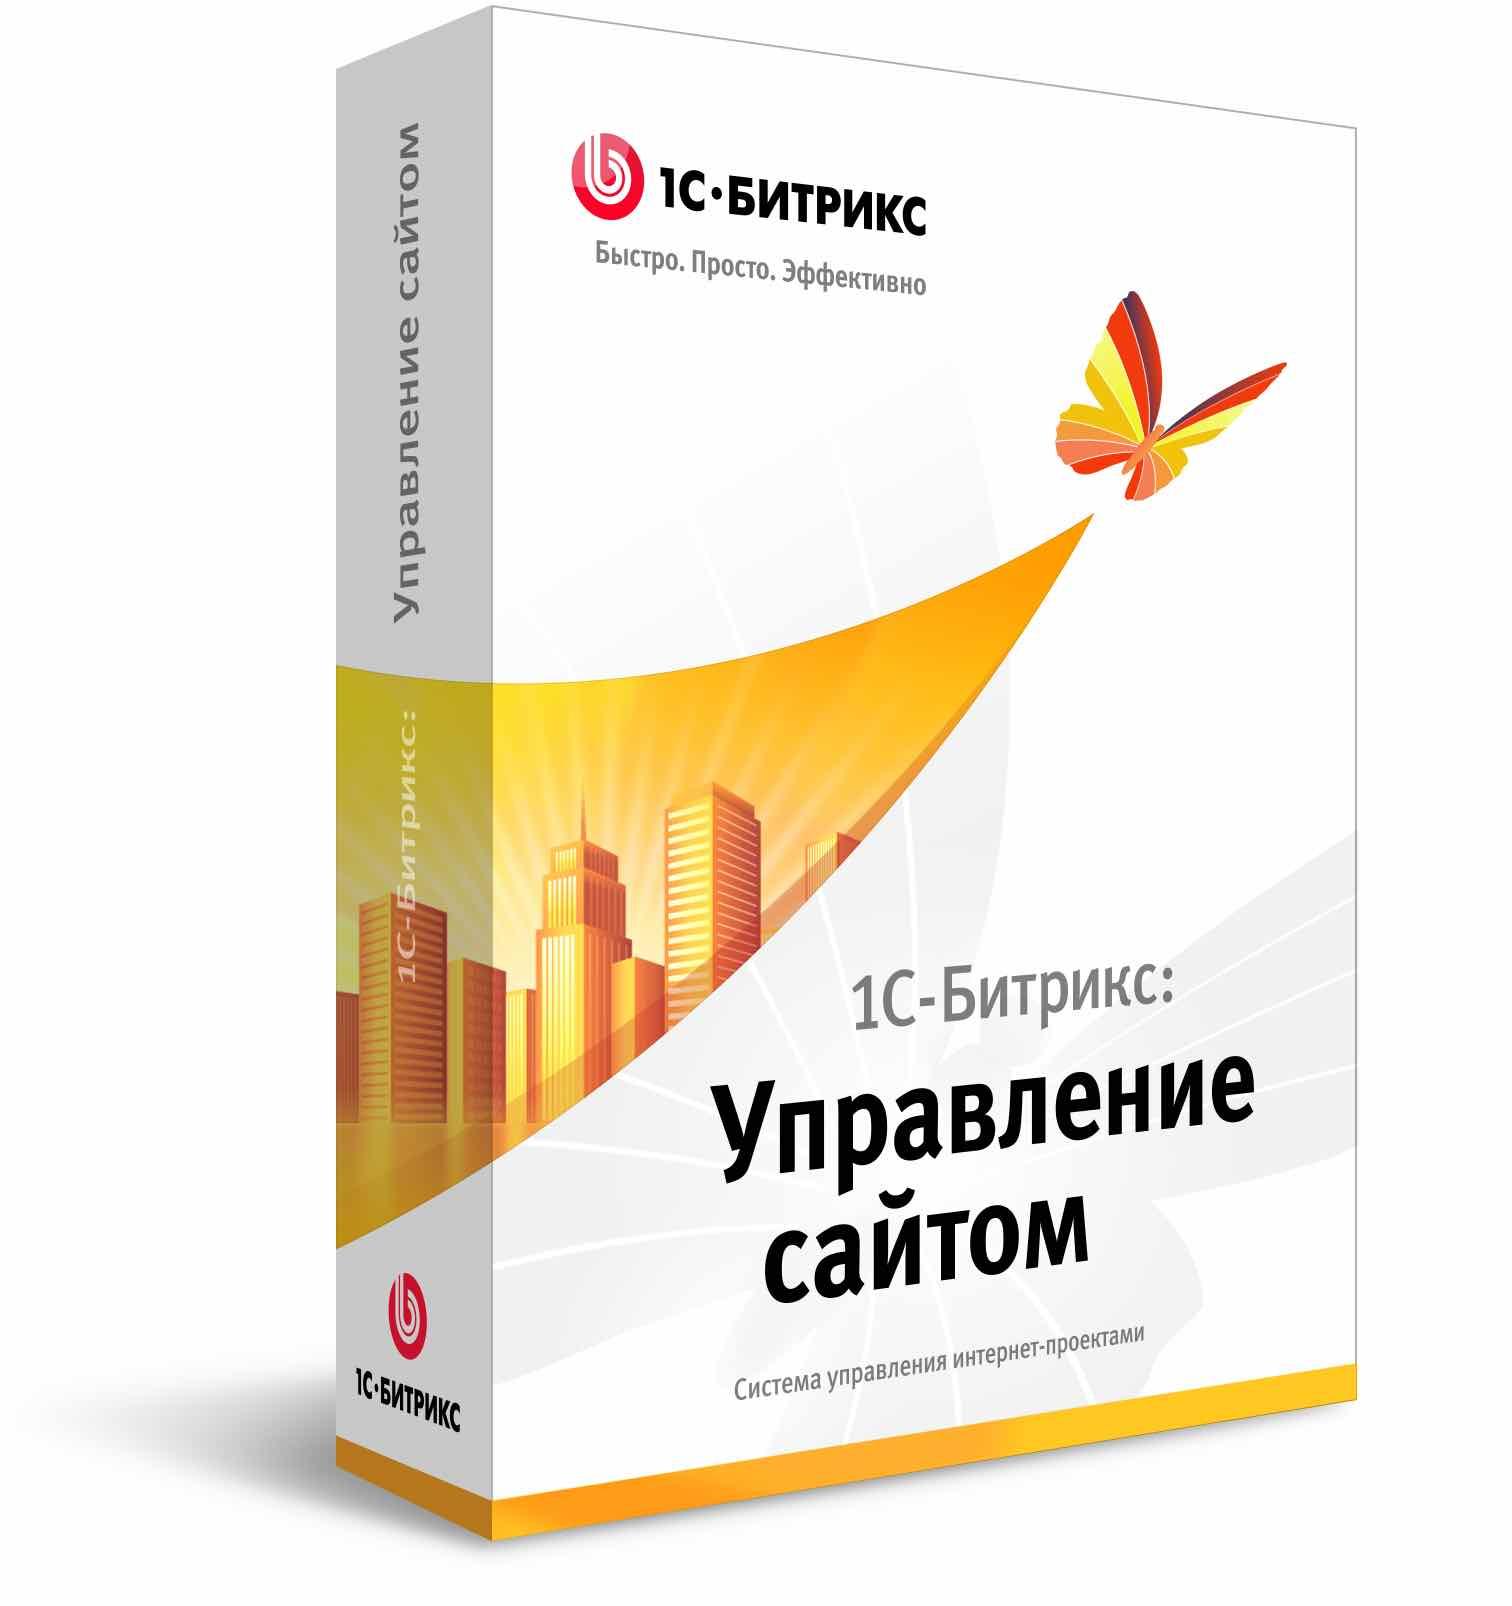 2c8db107a 1С-Битрикс: Управление сайтом - купить лицензию